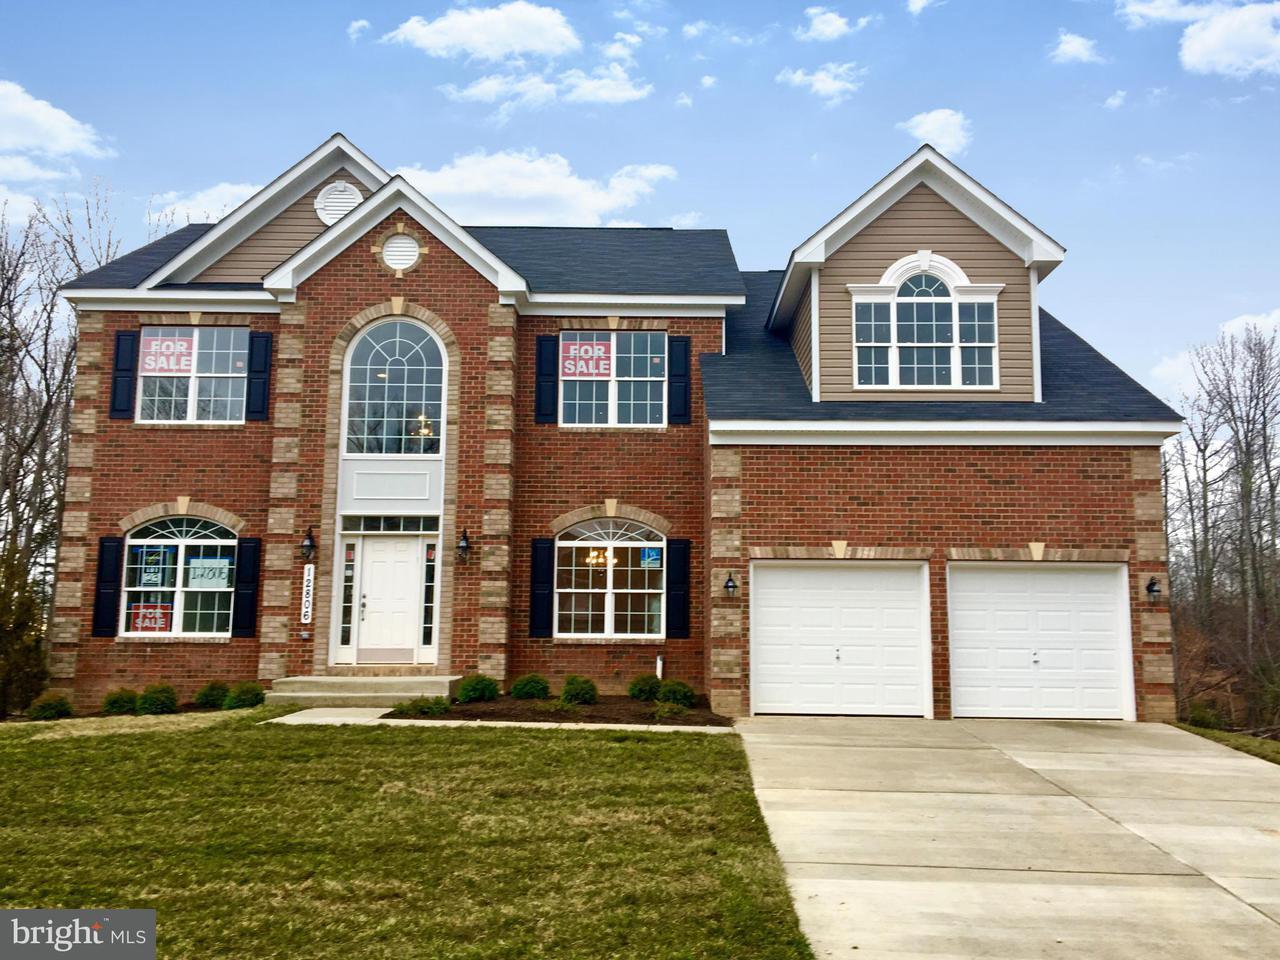 Maison unifamiliale pour l Vente à 12806 STEAM MILL FARM Drive 12806 STEAM MILL FARM Drive Brandywine, Maryland 20613 États-Unis